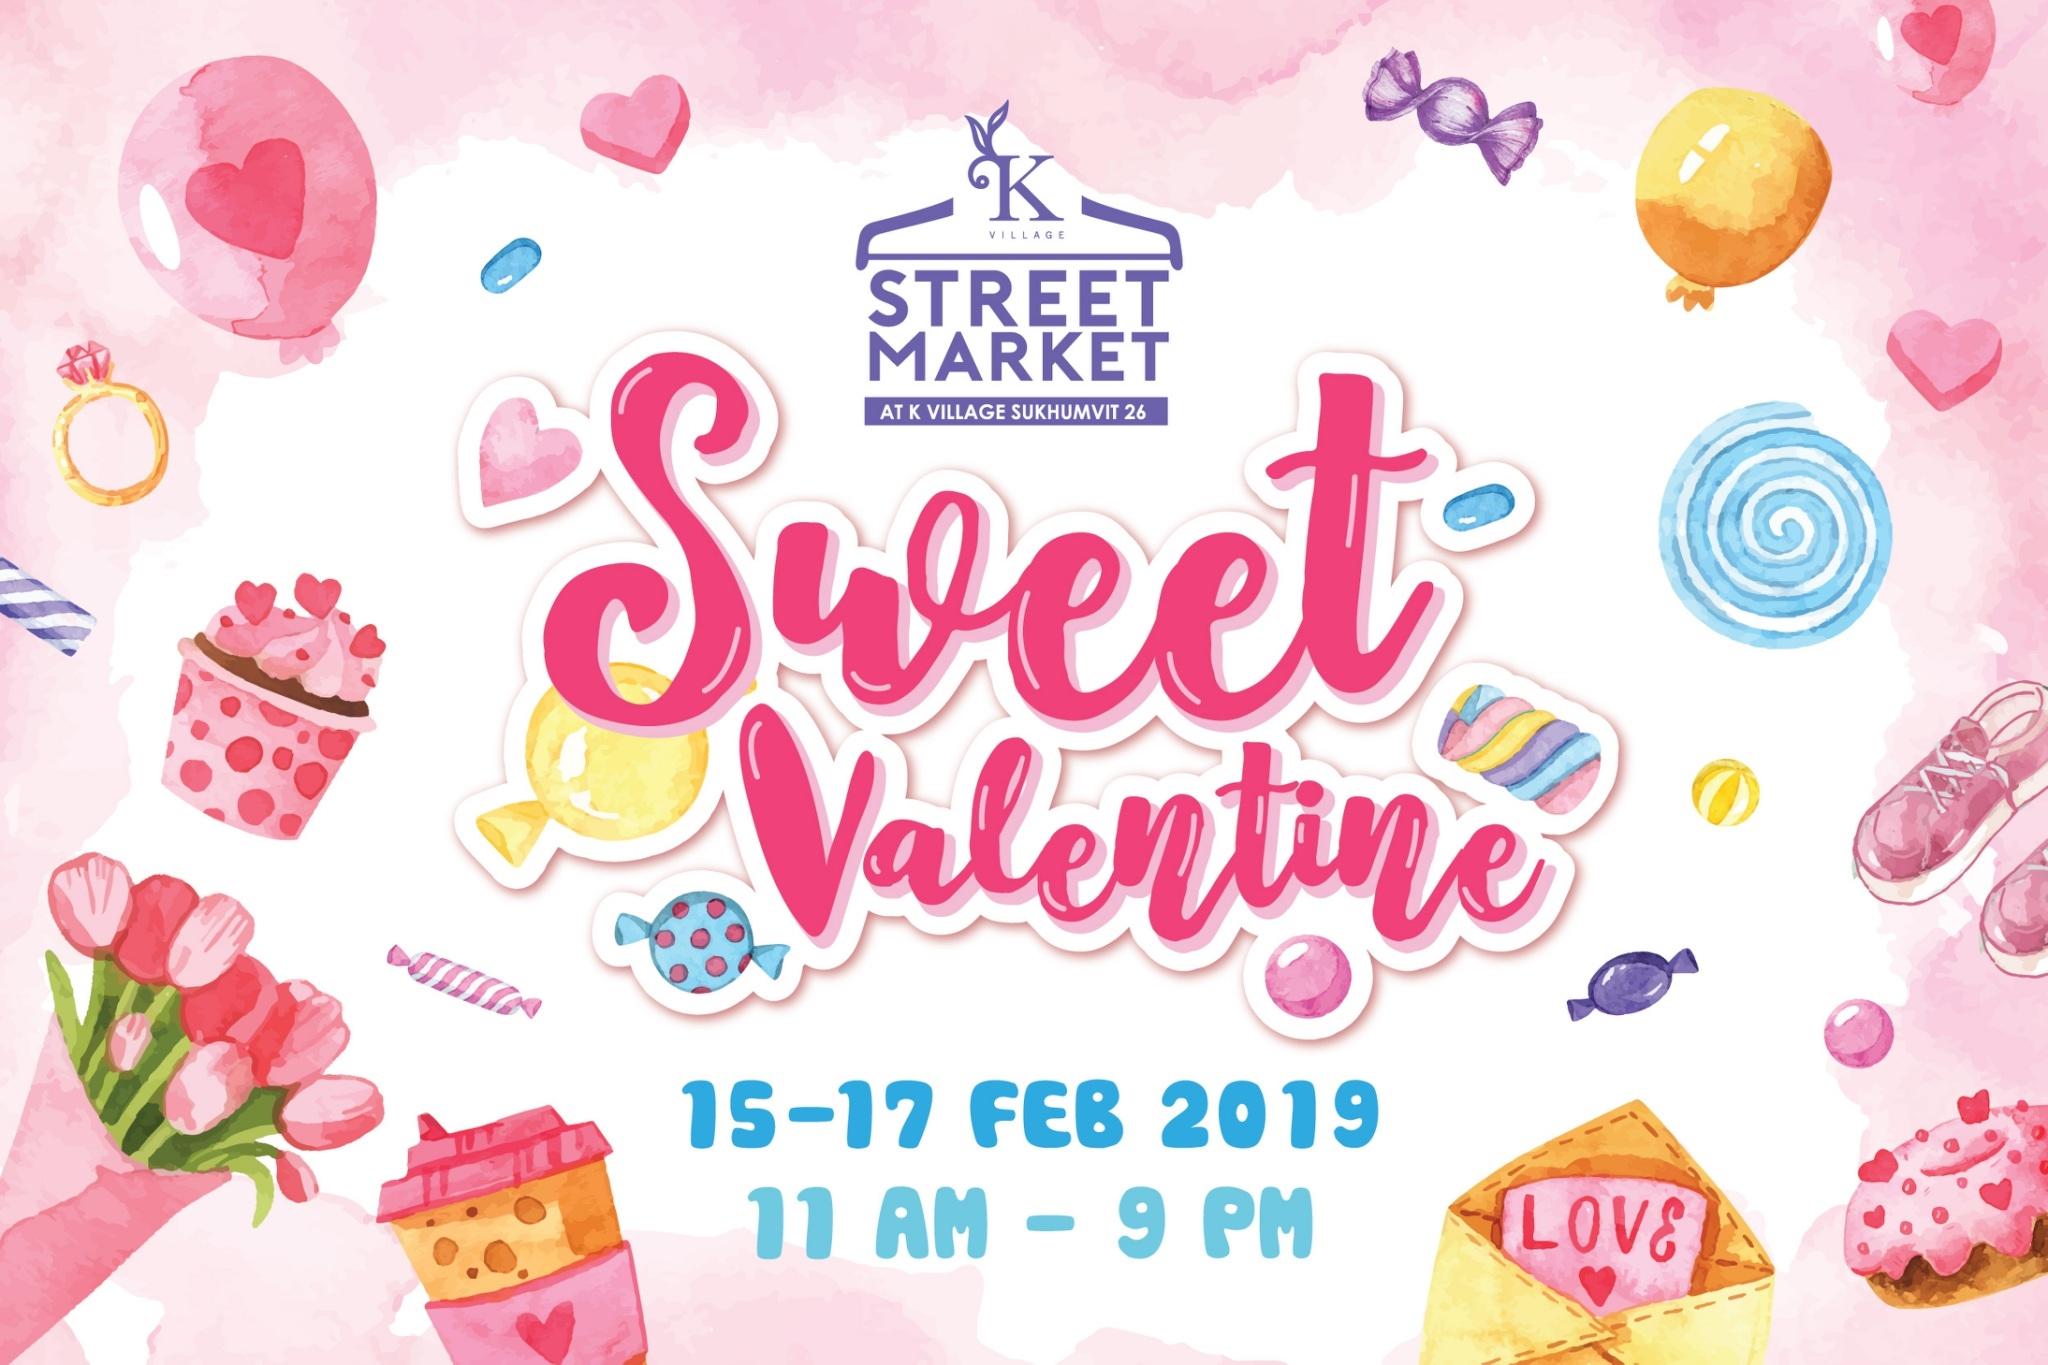 วาเลนไทน์นี้ไปไหนดี ? ชวนคุณที่คุณรัก หรือจะรักตัวเอง พาตัวเองมาที่K Village Street Market 13 -